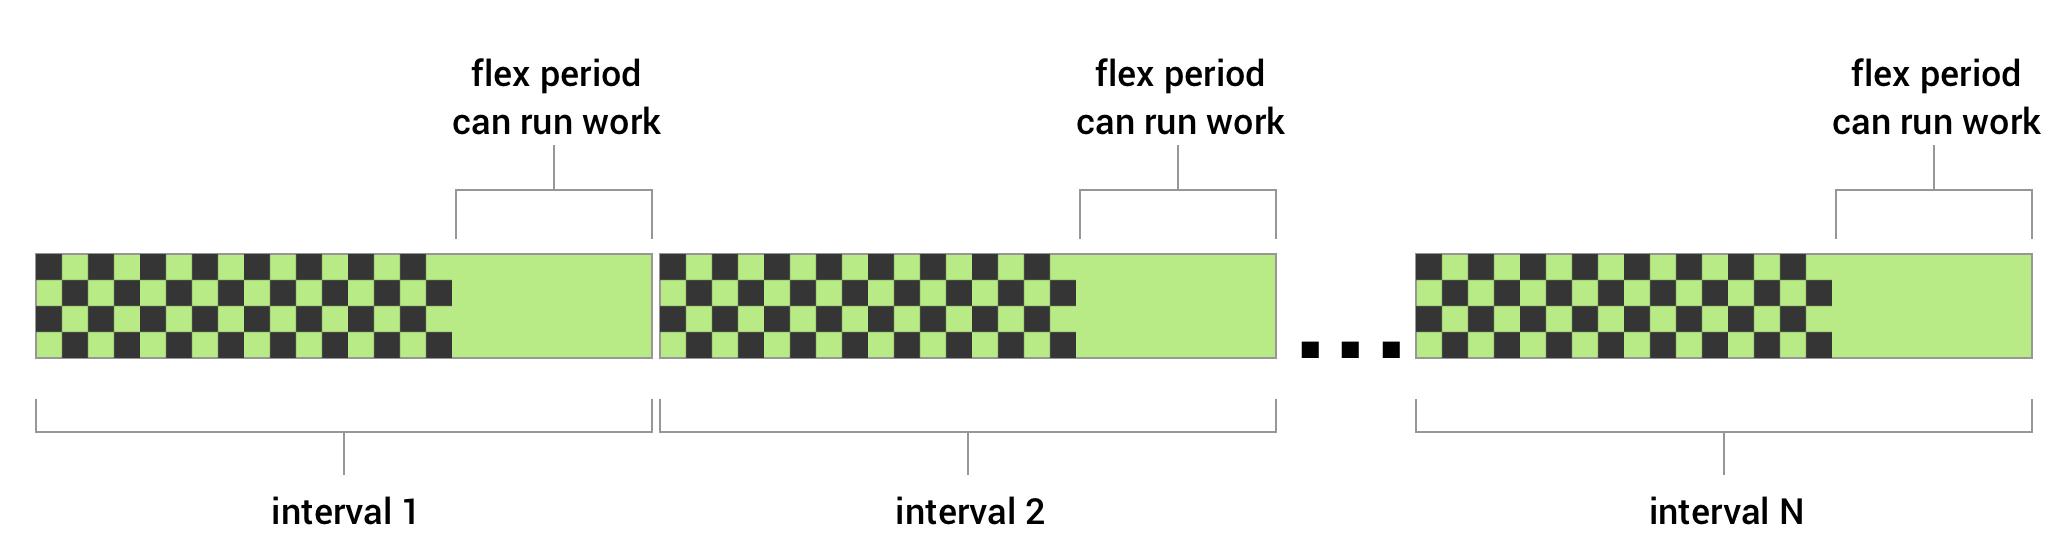 Puedes establecer un intervalo flexible para un trabajo periódico. Debes definir un intervalo de repetición y un intervalo flexible que especifica una cantidad de tiempo determinada al final del intervalo que se repite. WorkManager intentará ejecutar tu trabajo en el transcurso del intervalo flexible de cada ciclo.